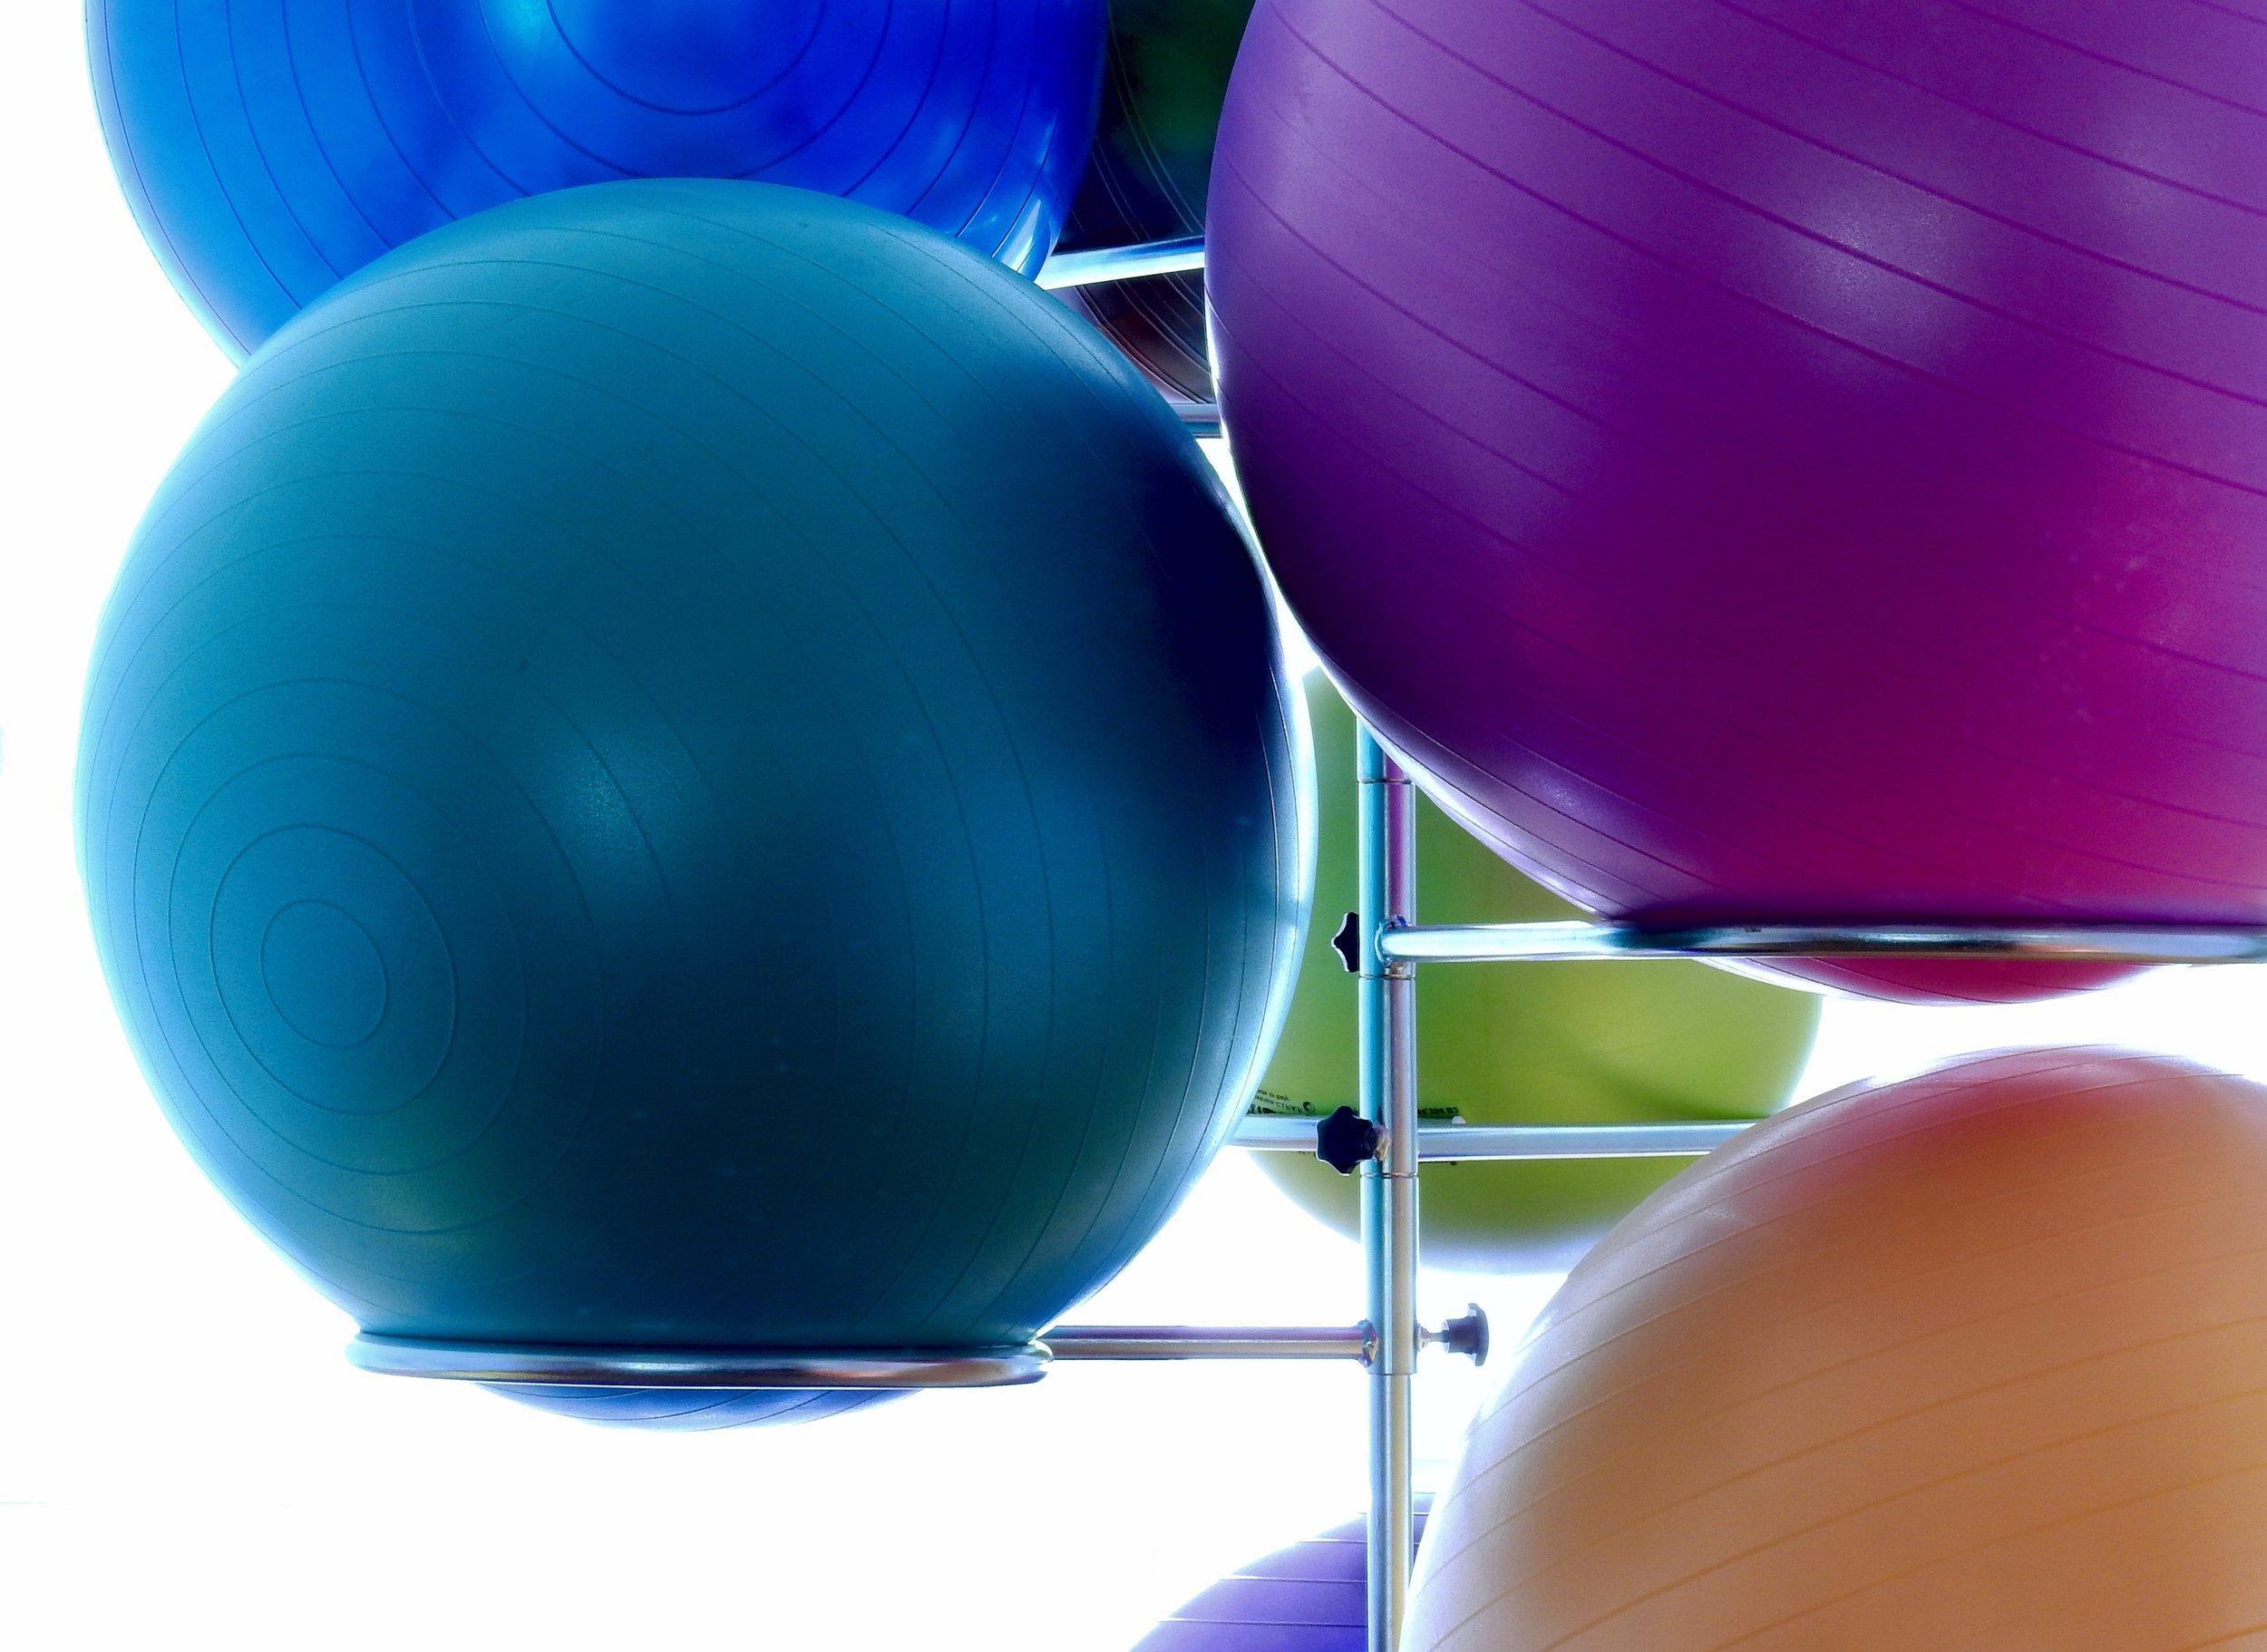 art-ball-shaped-balloon-159638.jpg